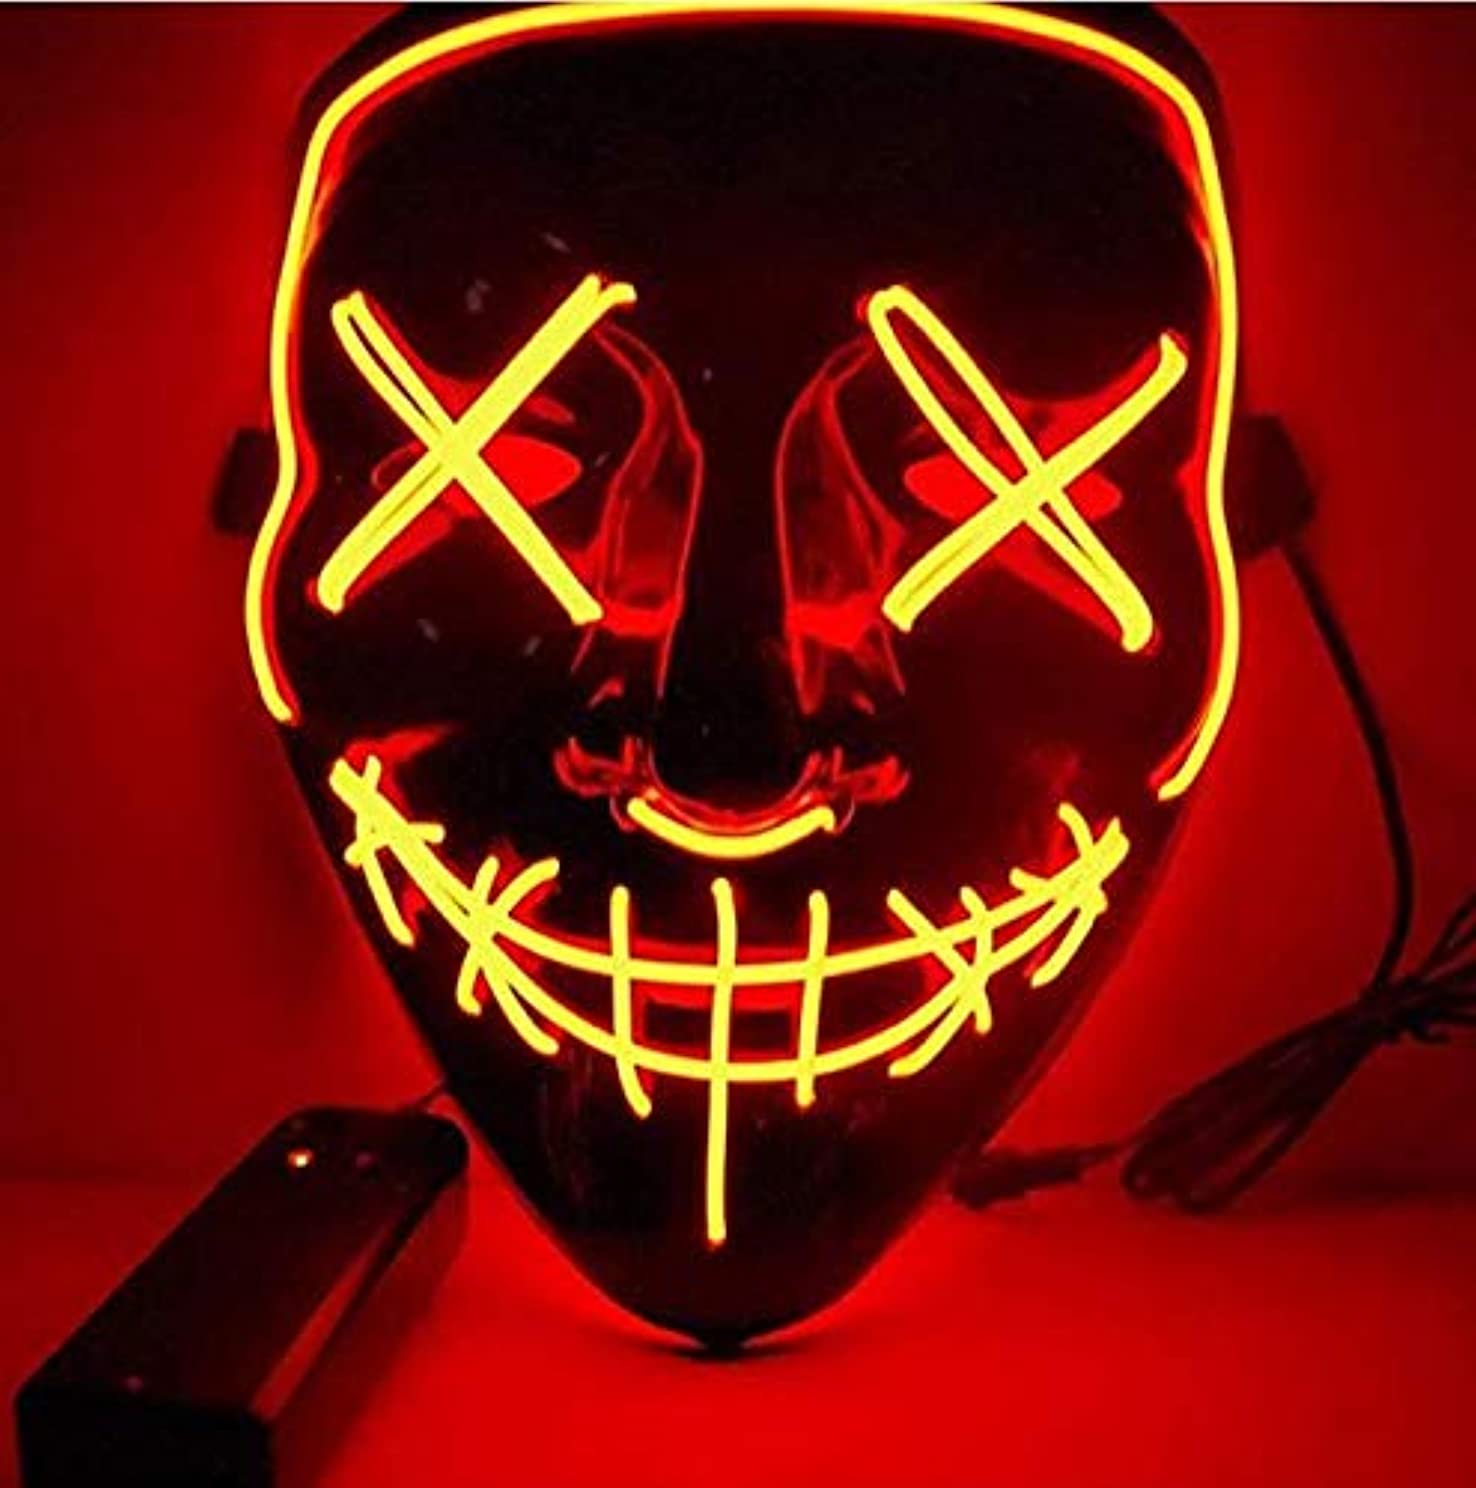 粒うまれた大胆なハロウィンマスクLEDライトアップパーティーマスクコスプレコスチュームサプライ暗闇で光る (Color : PURPLE)